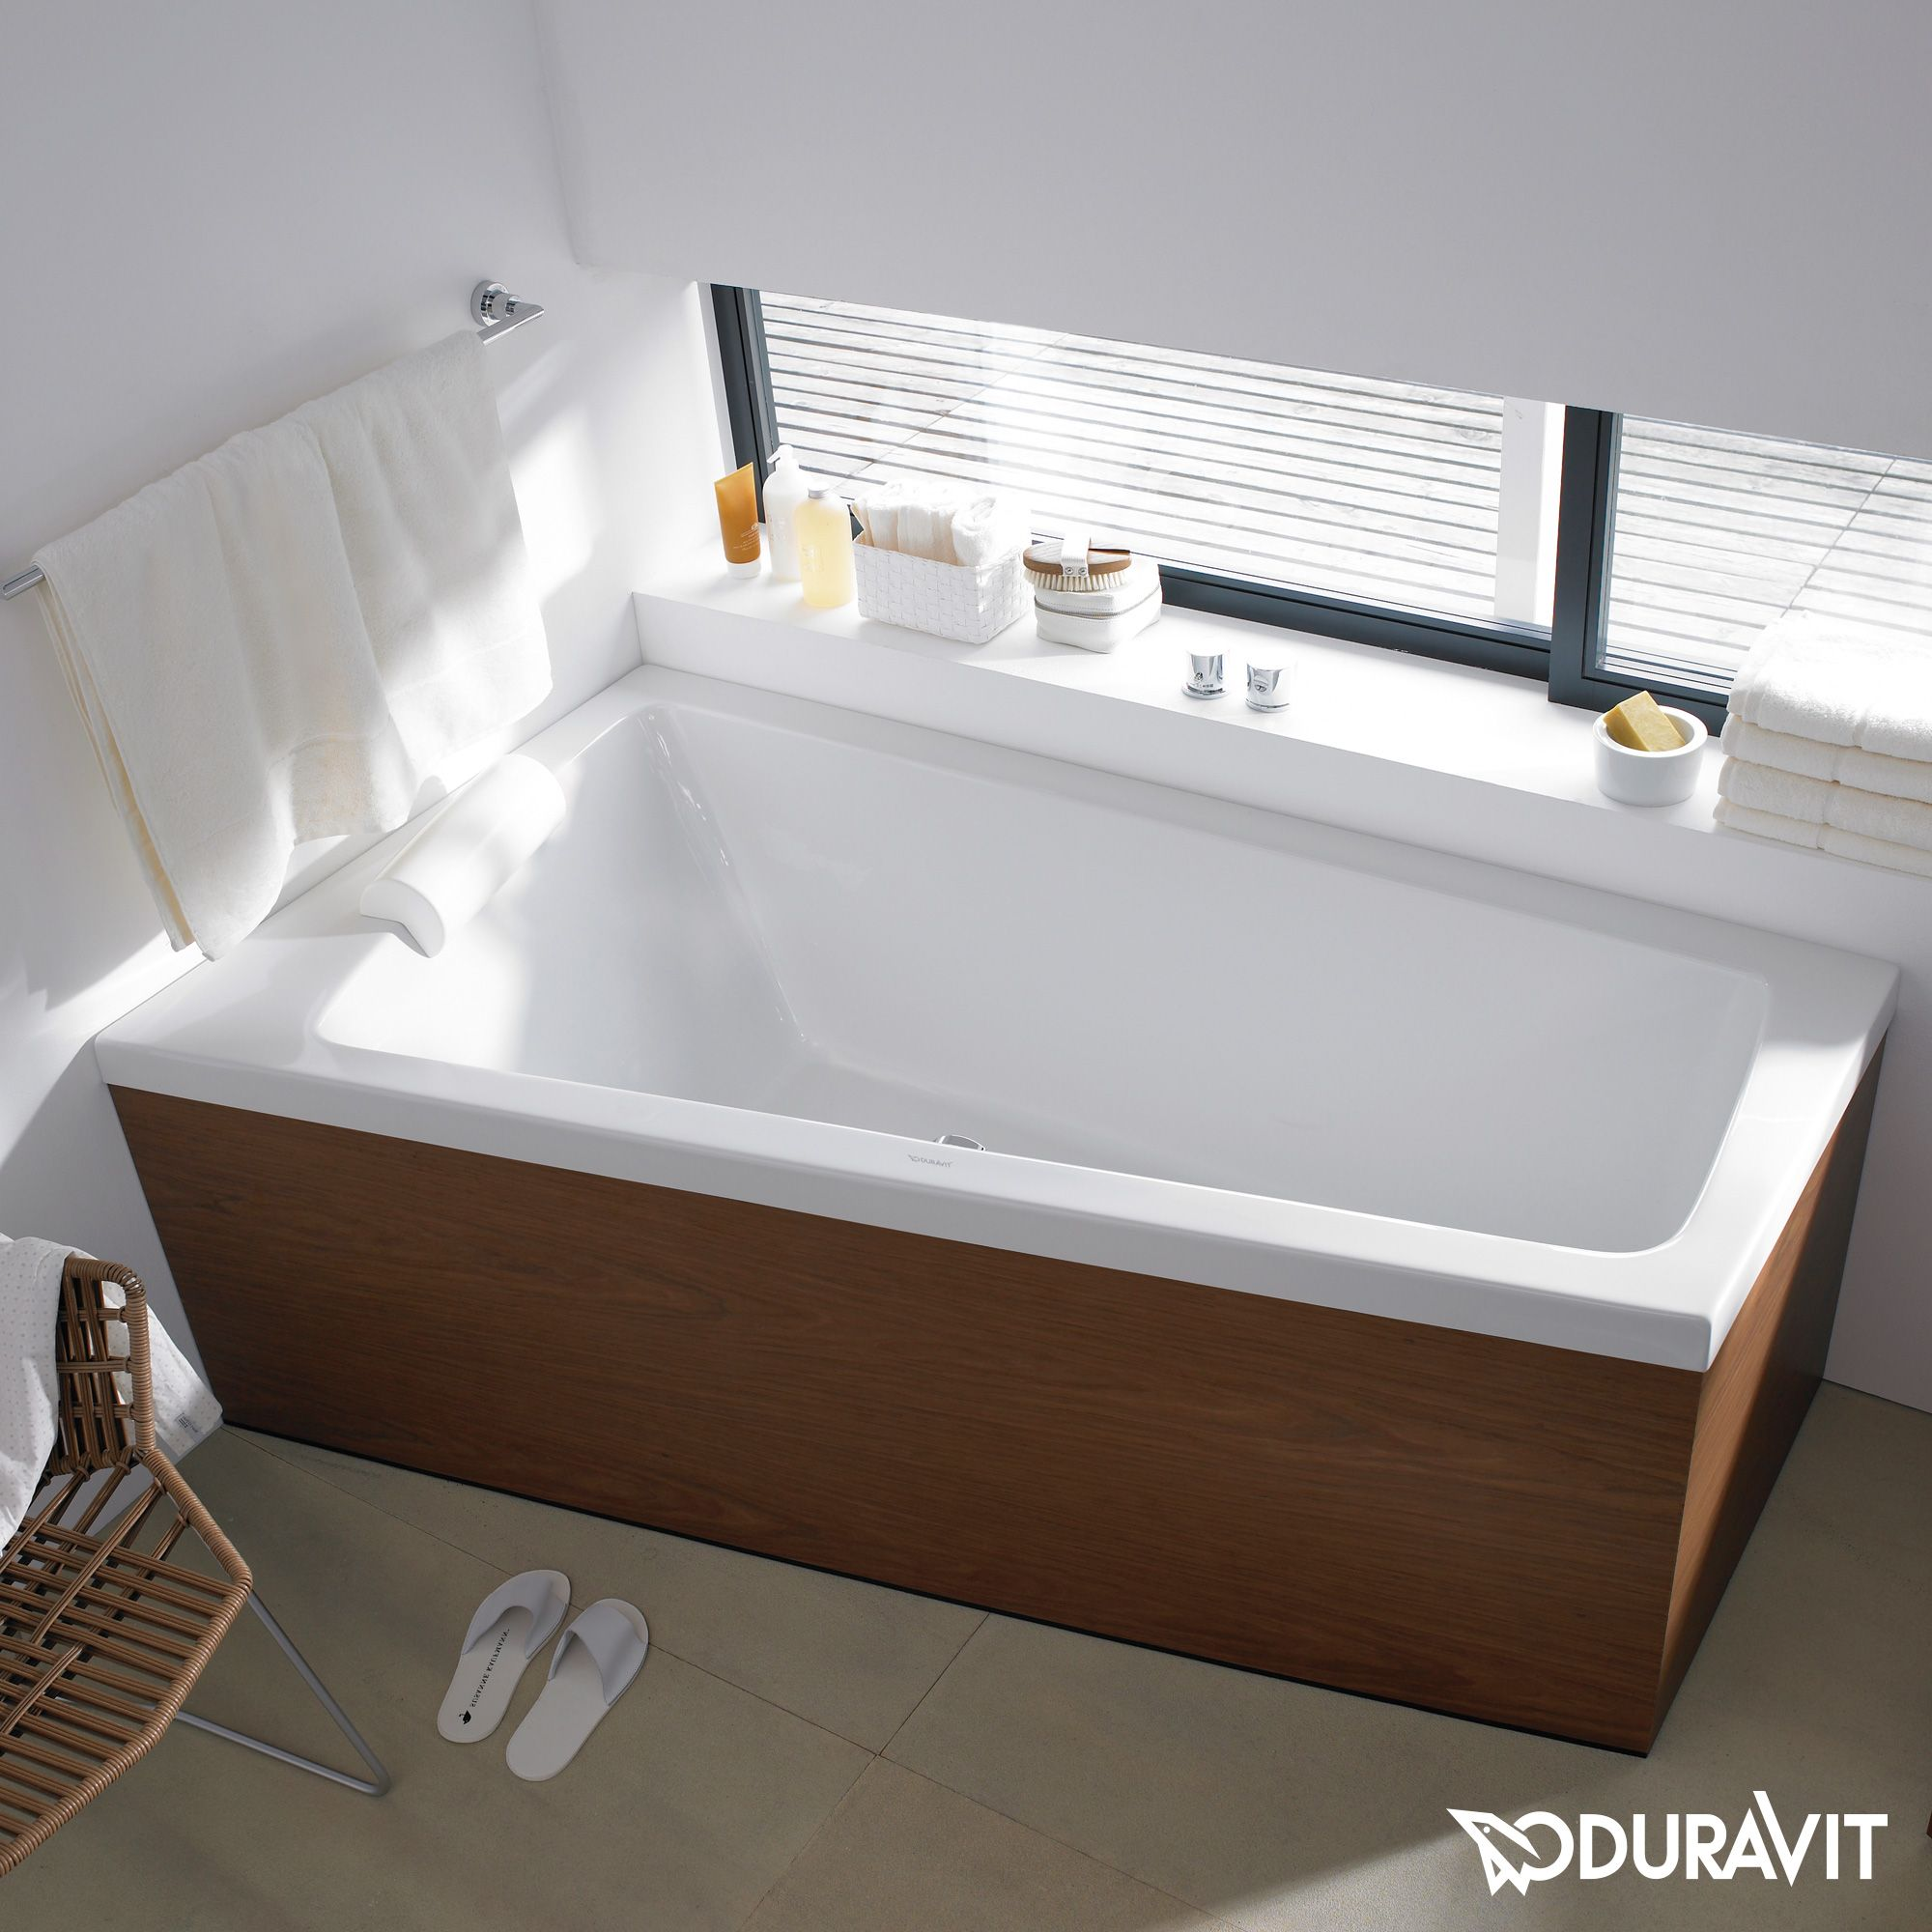 Duravit Paiova Badewanne Ecke links Einbauversion